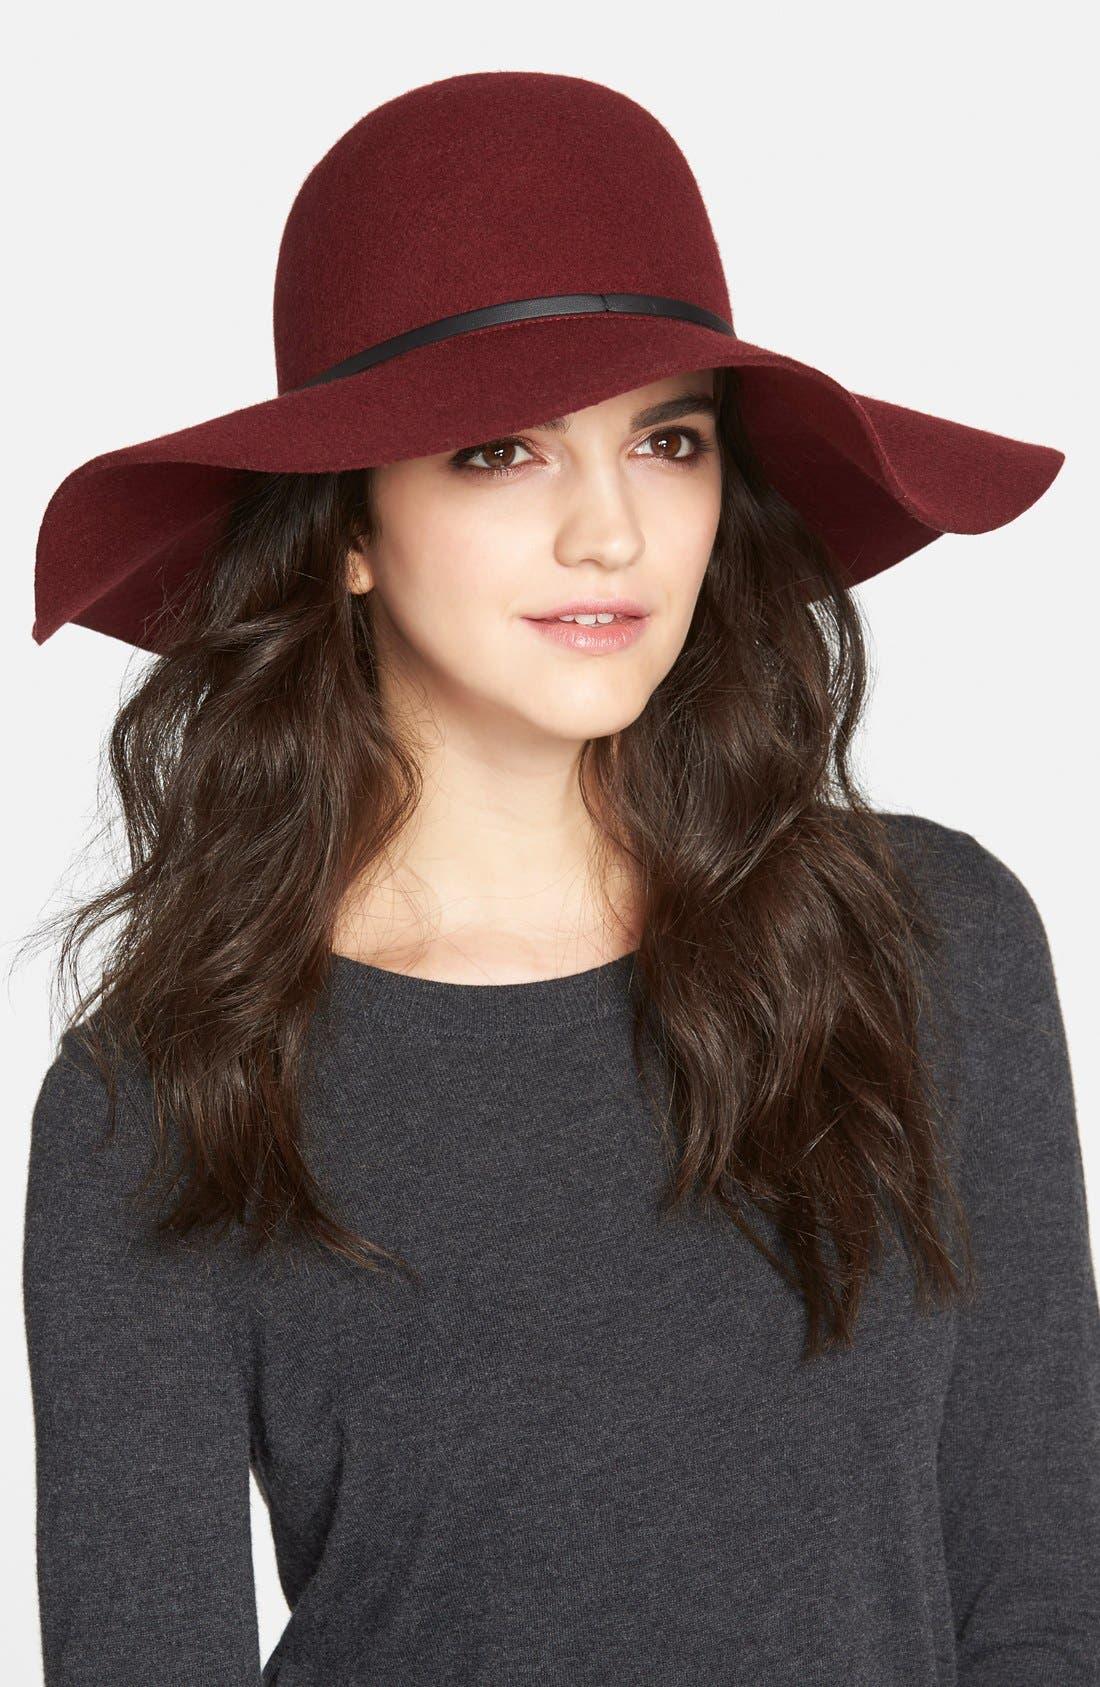 Main Image - Hinge Floppy Felt Hat